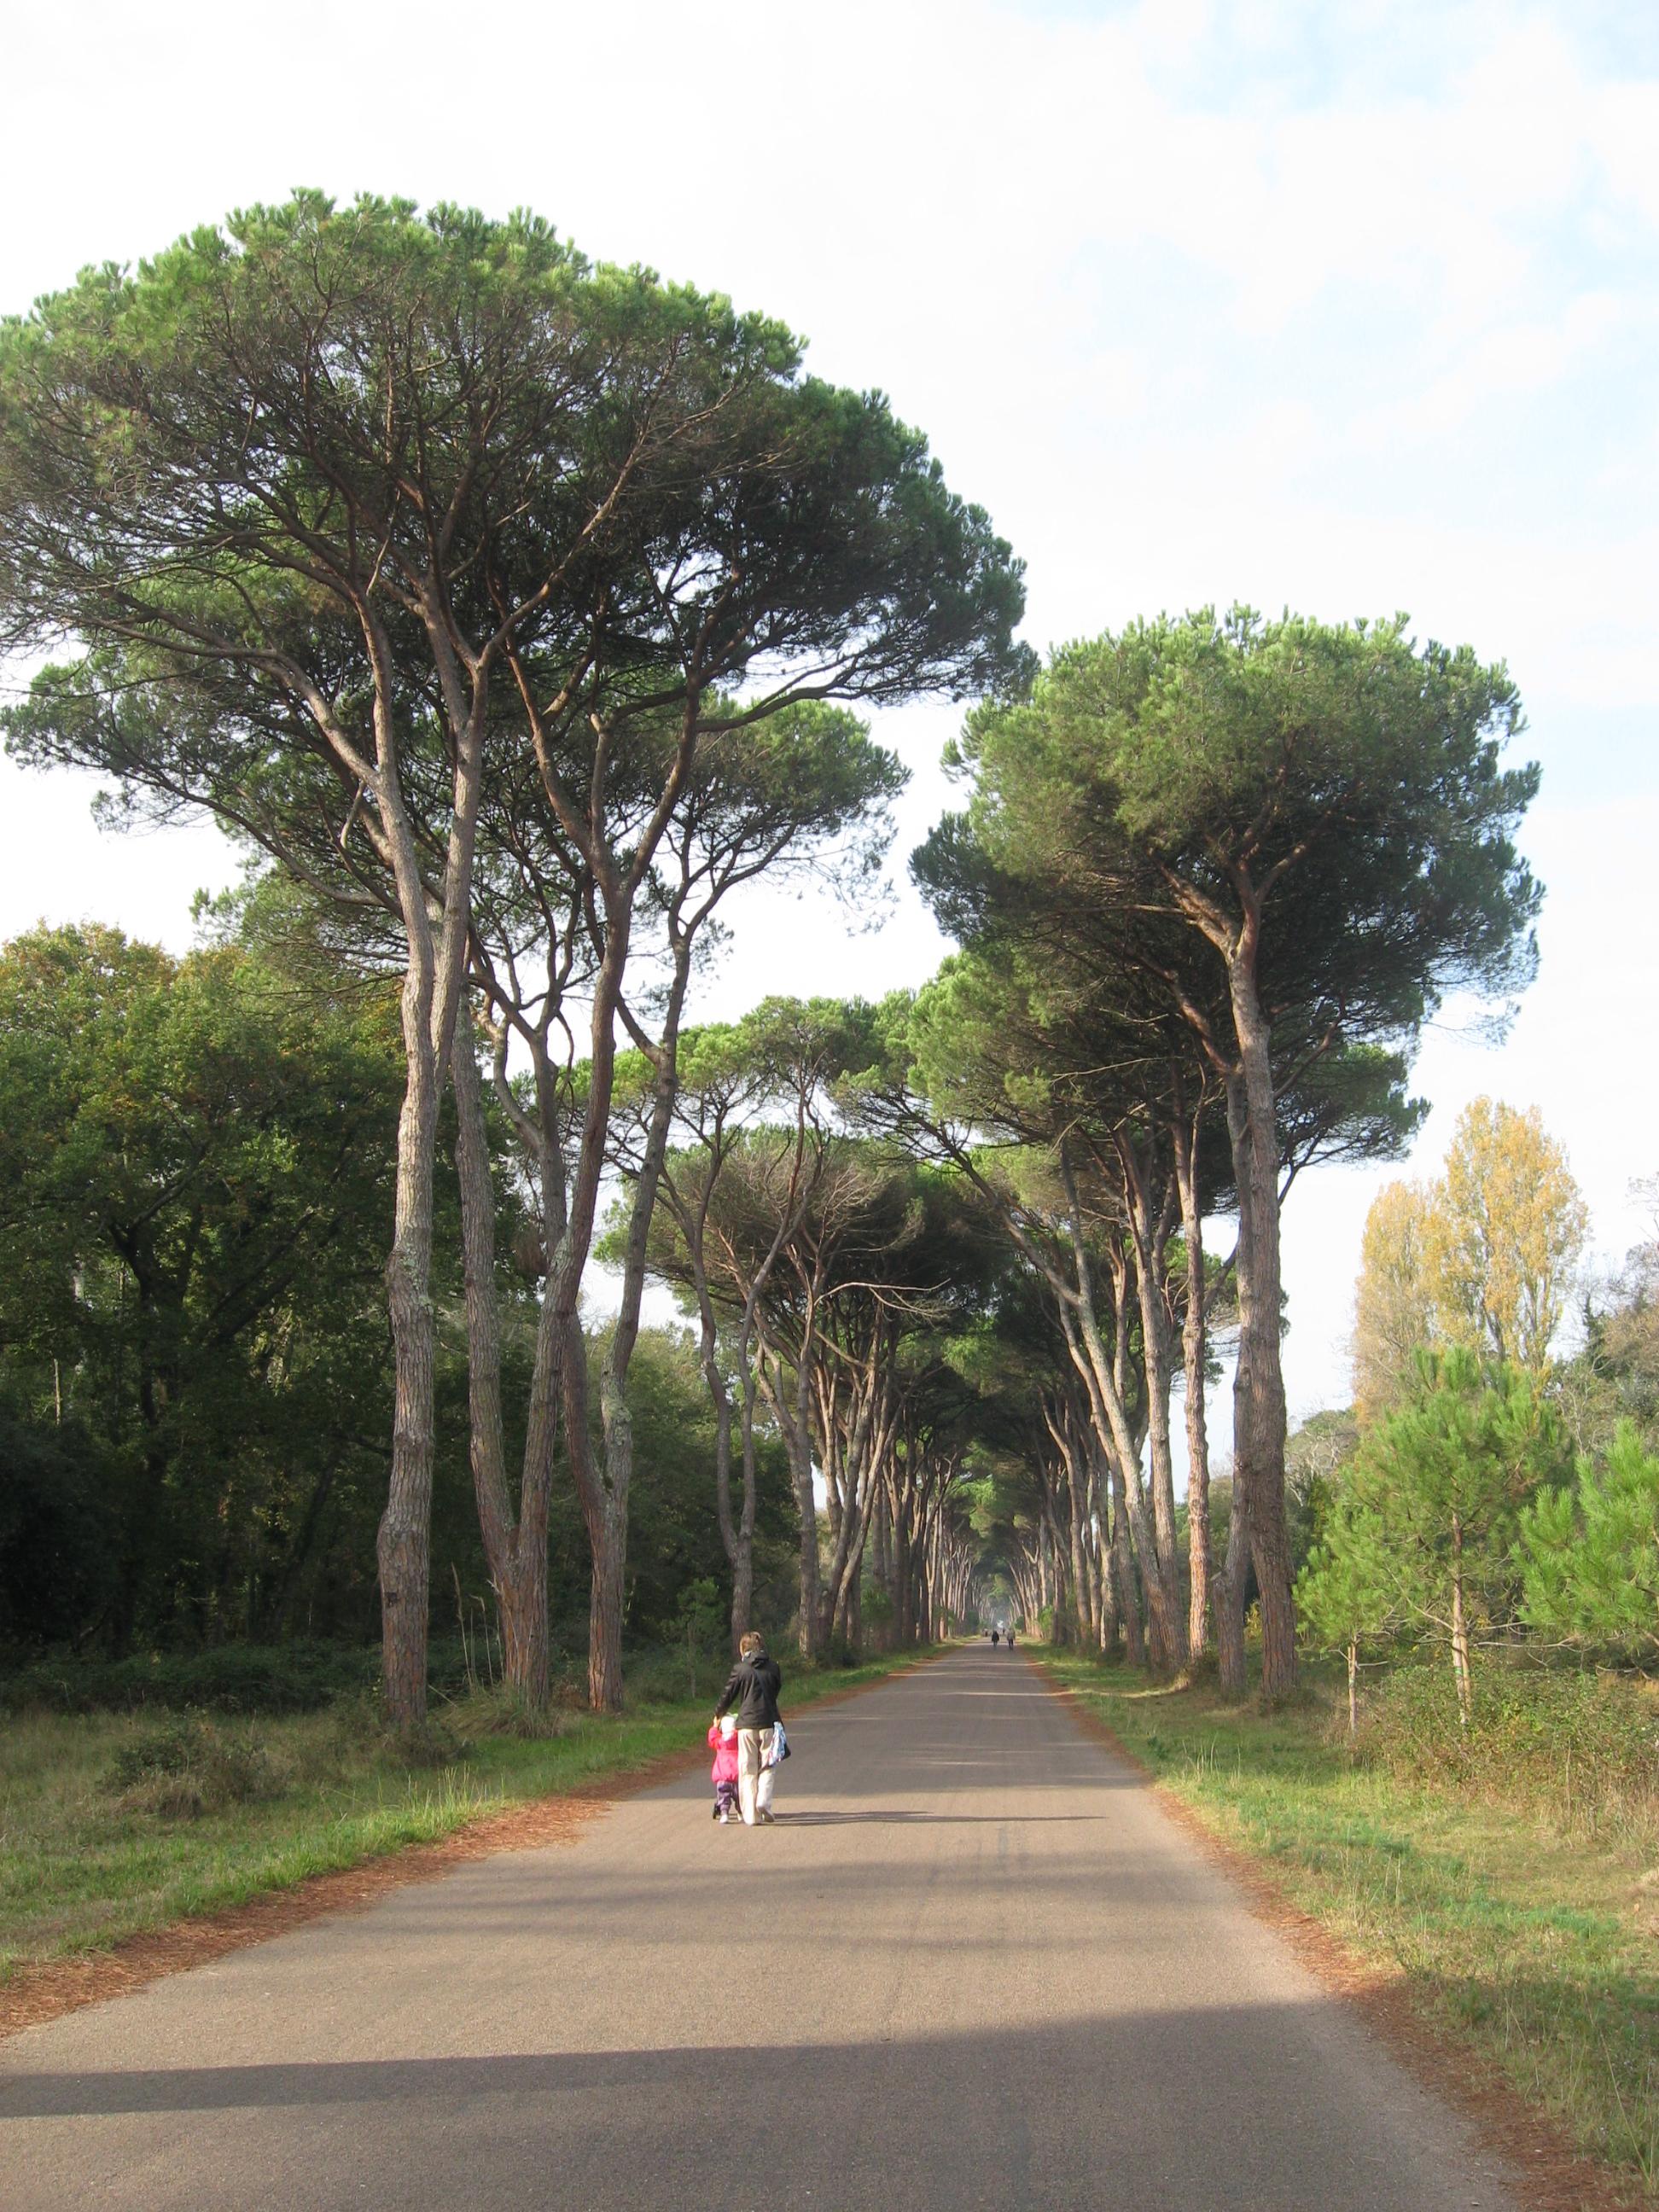 Parco regionale Migliarino San Rossore Massaciuccoli